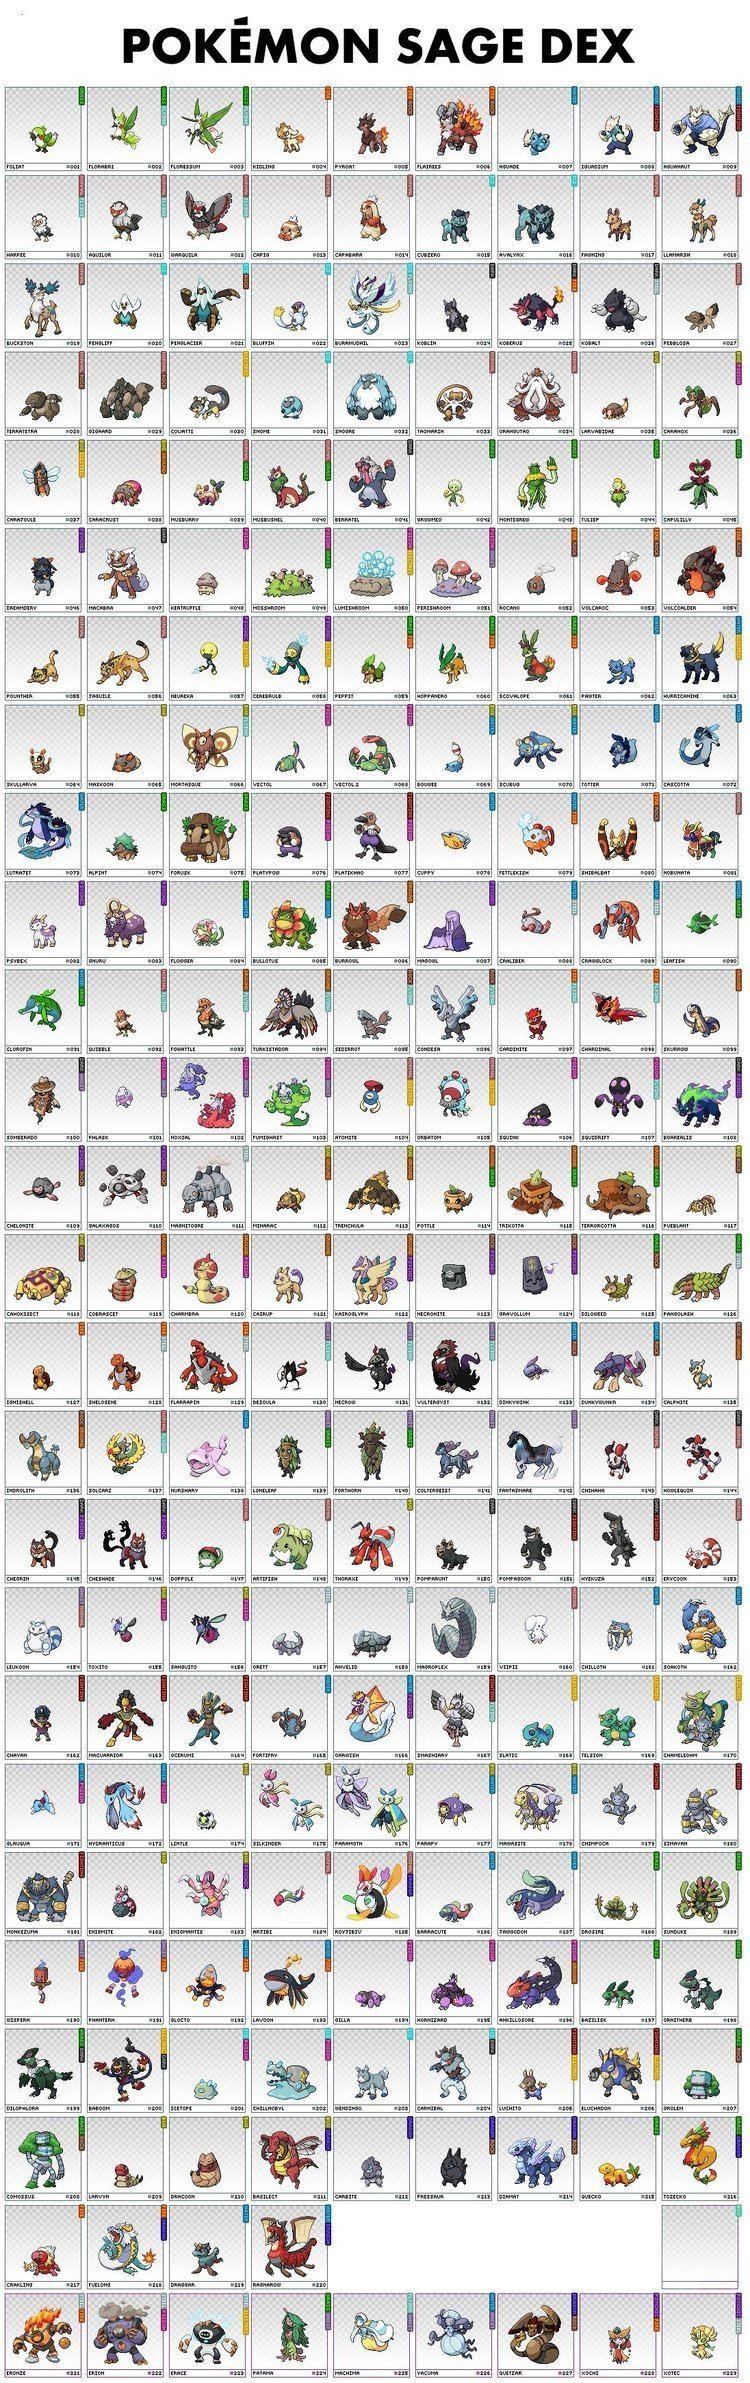 pokemon sage full game